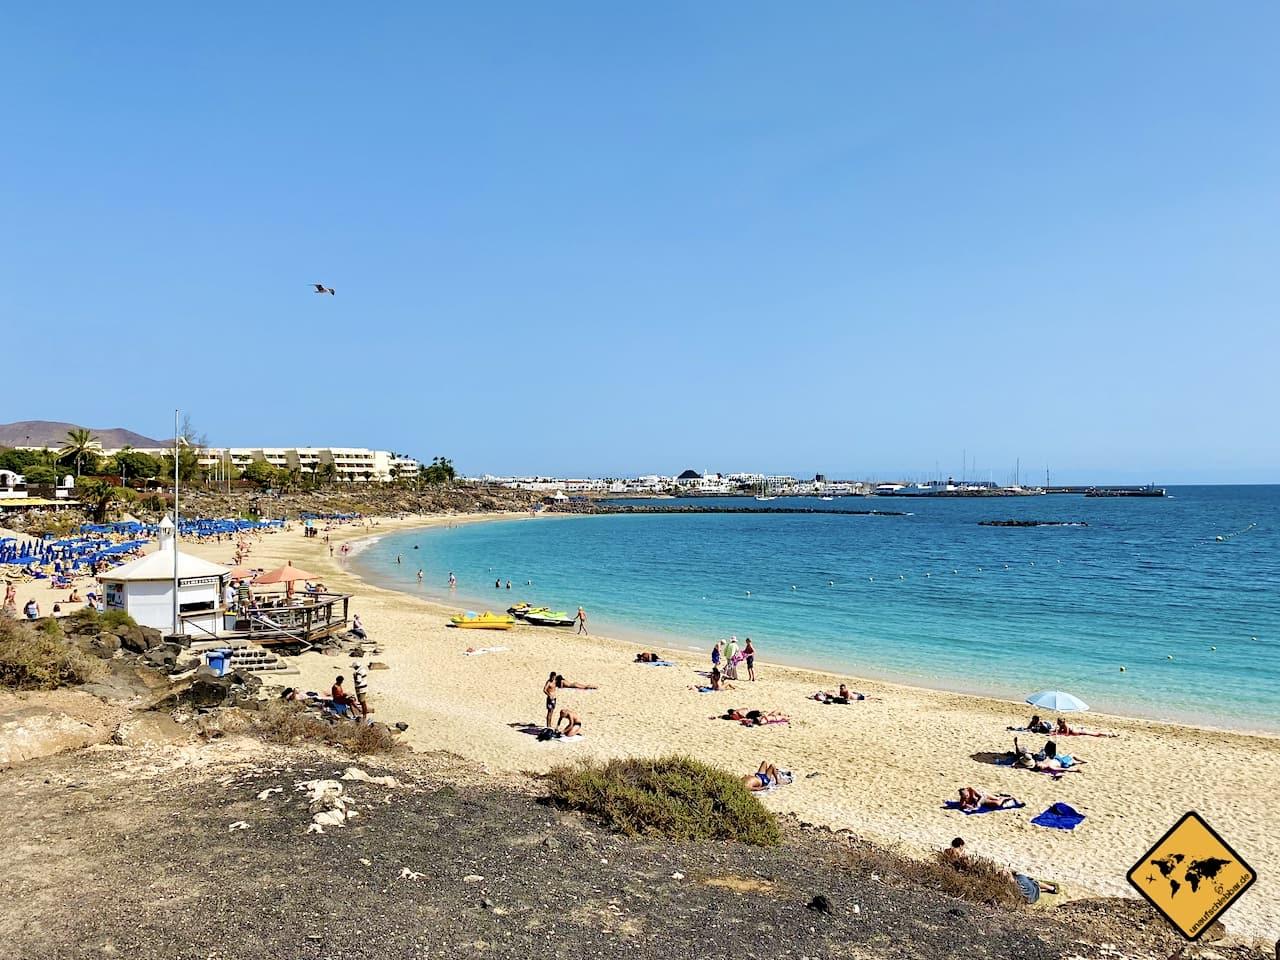 Kanarische Inseln Strand Lanzarote Playa Blanca